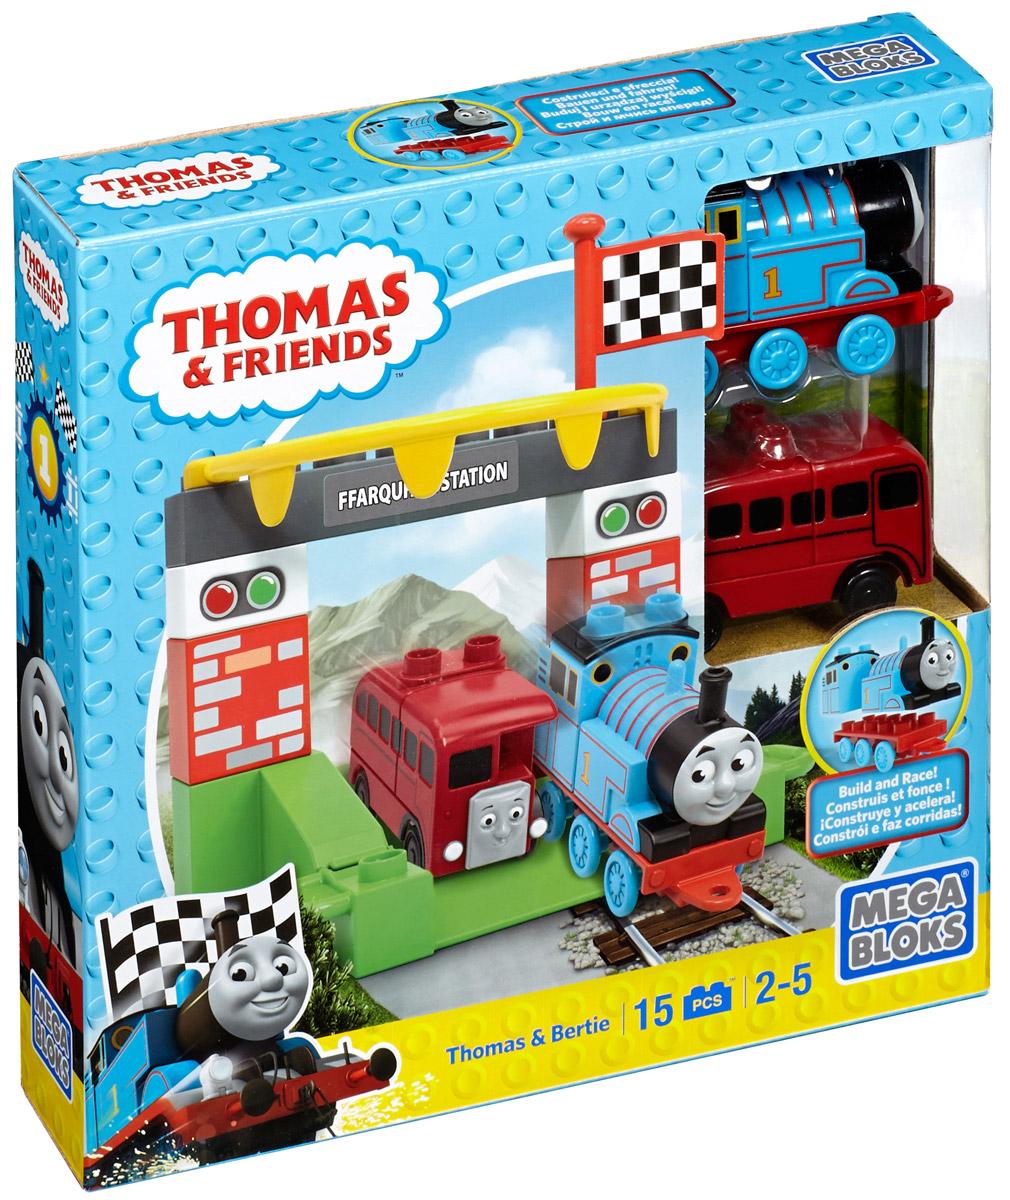 Mega Bloks Thomas & Friends Конструктор Томас и БертиCNJ08_DLC17Конструктор Mega Bloks Томас и Берти - удивительный подарок для вашего ребенка! Конструкторы Mega Bloks - это новые горизонты творчества. Каждый из наборов - это завершенная конструкция, имеющая некий сюжет. Этот конструктор входит в серию наборов Thomas & Friends, созданных по одноименному мультфильму. Томас и его верная команда помогают жителям городка: привозят почту, чинят железнодорожные пути и возят пассажиров к пунктам назначения. В наборе 15 элементов конструктора, из которых можно собрать въезд на станцию Фаркваар. Набор дополнен яркими детализированными стикерами. Все элементы конструктора совместимы с другими сборными паровозами из этой серии. Воссоздайте для своего маленького машиниста его любимые истории о приключениях паровозиков острова Содор или придумайте свою собственную. Идеальная игрушка для детей в возрасте от 2 до 5 лет.